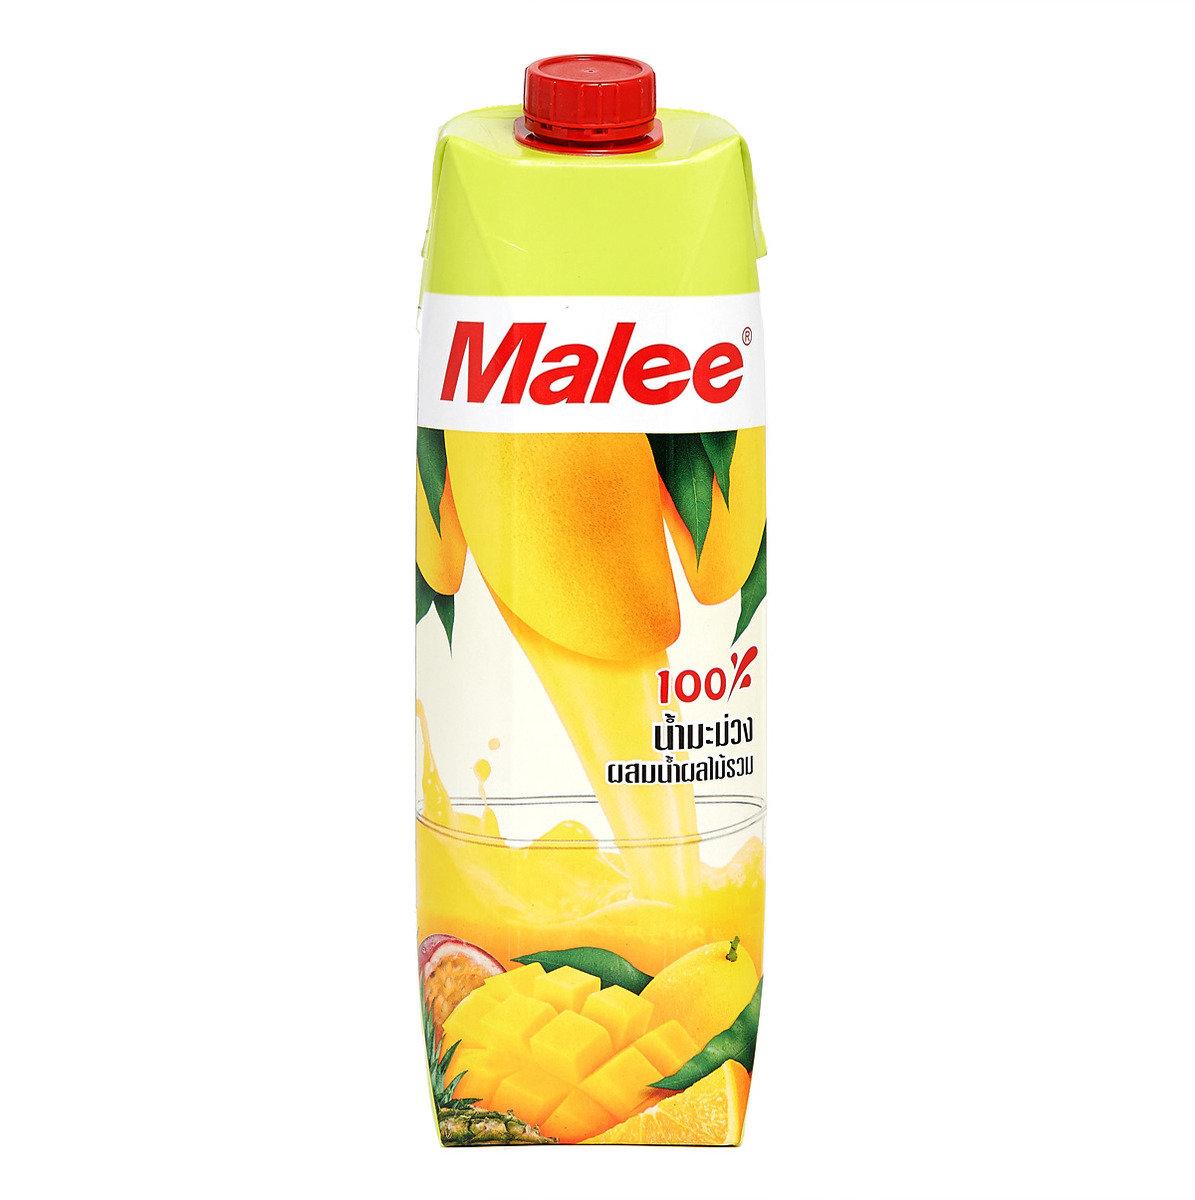 100% 純天然芒果及雜果汁